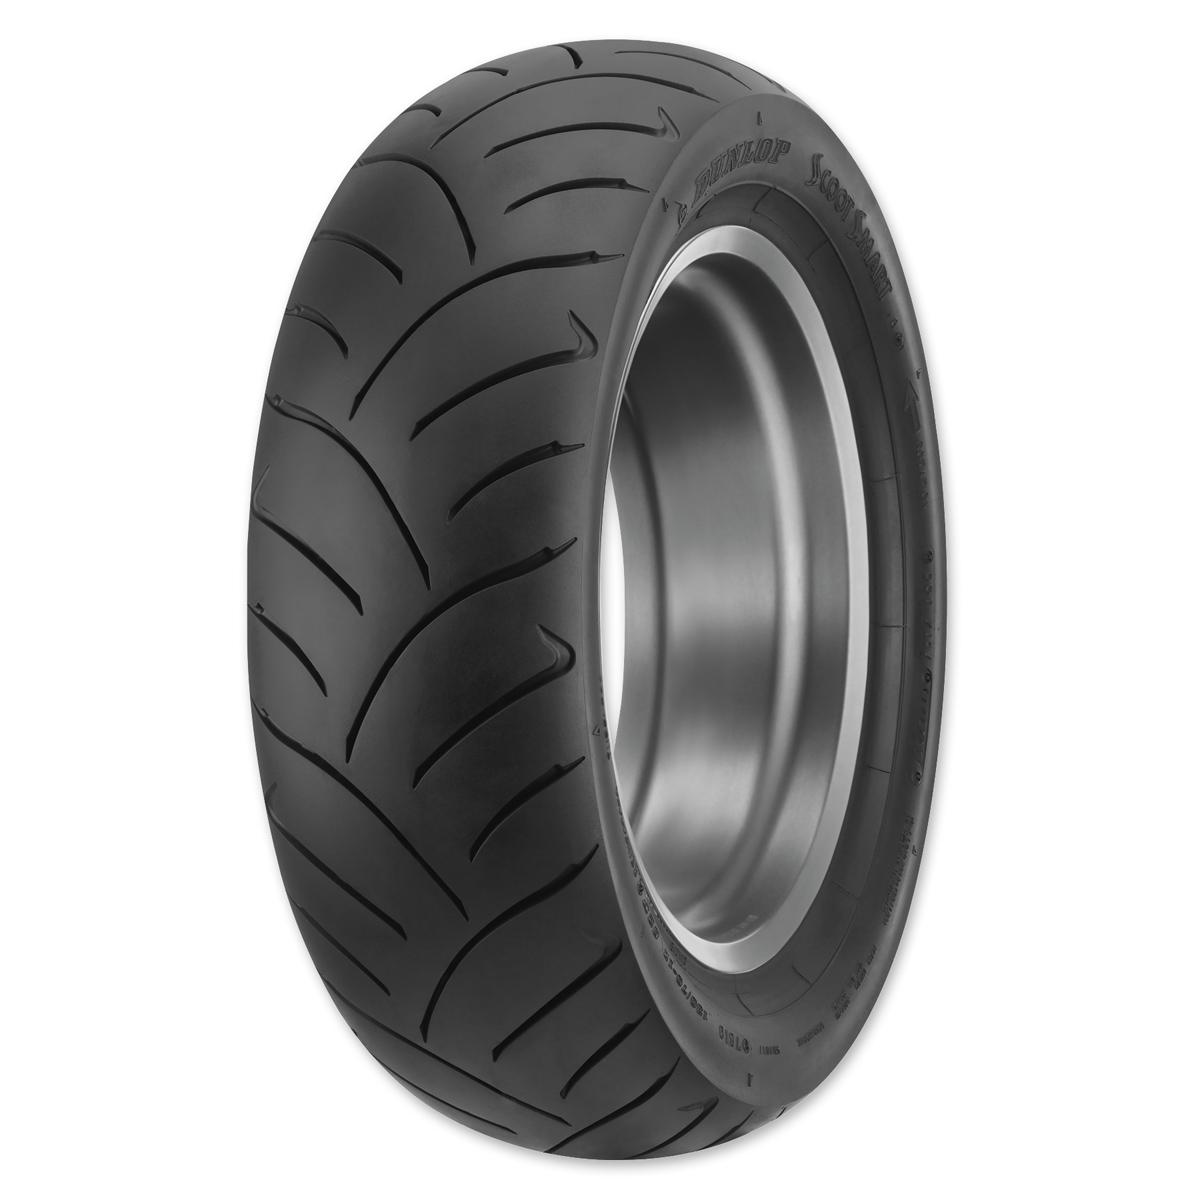 Dunlop Scootsmart 130/70-13 Rear Tire